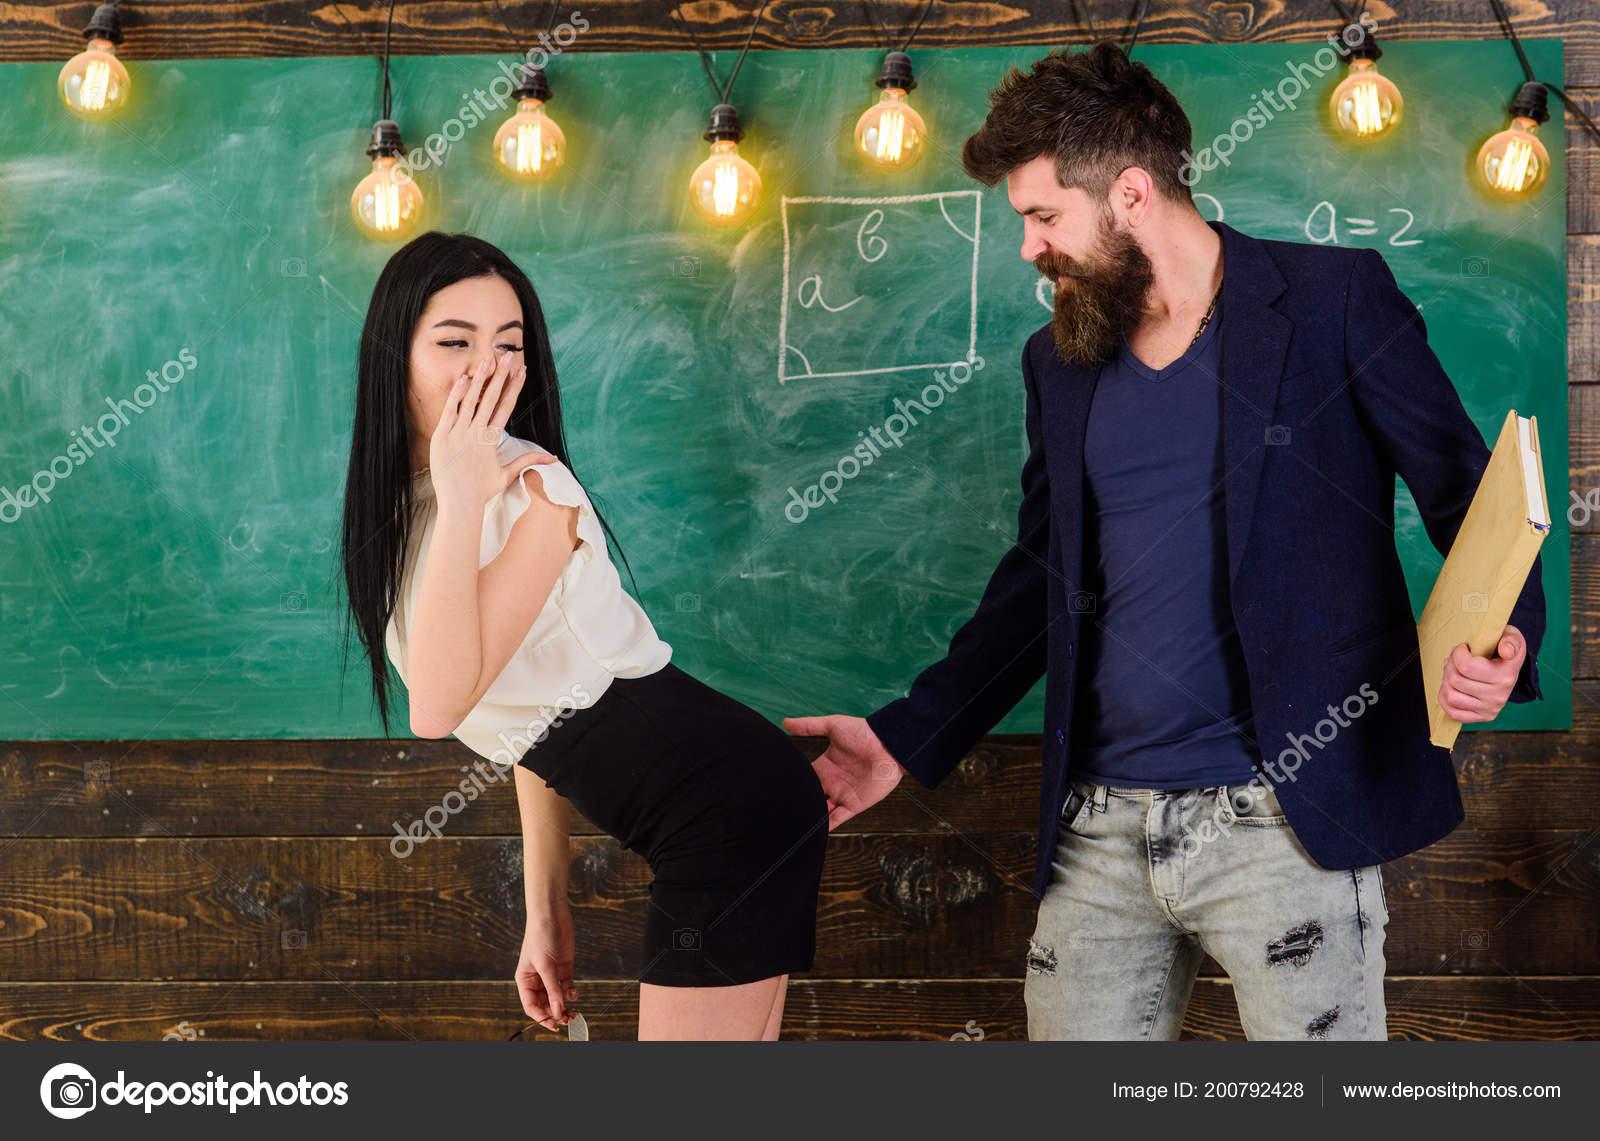 Учитель наказал ученицу по жопе, Училка наказала ученицу за курение в туалете порно 25 фотография